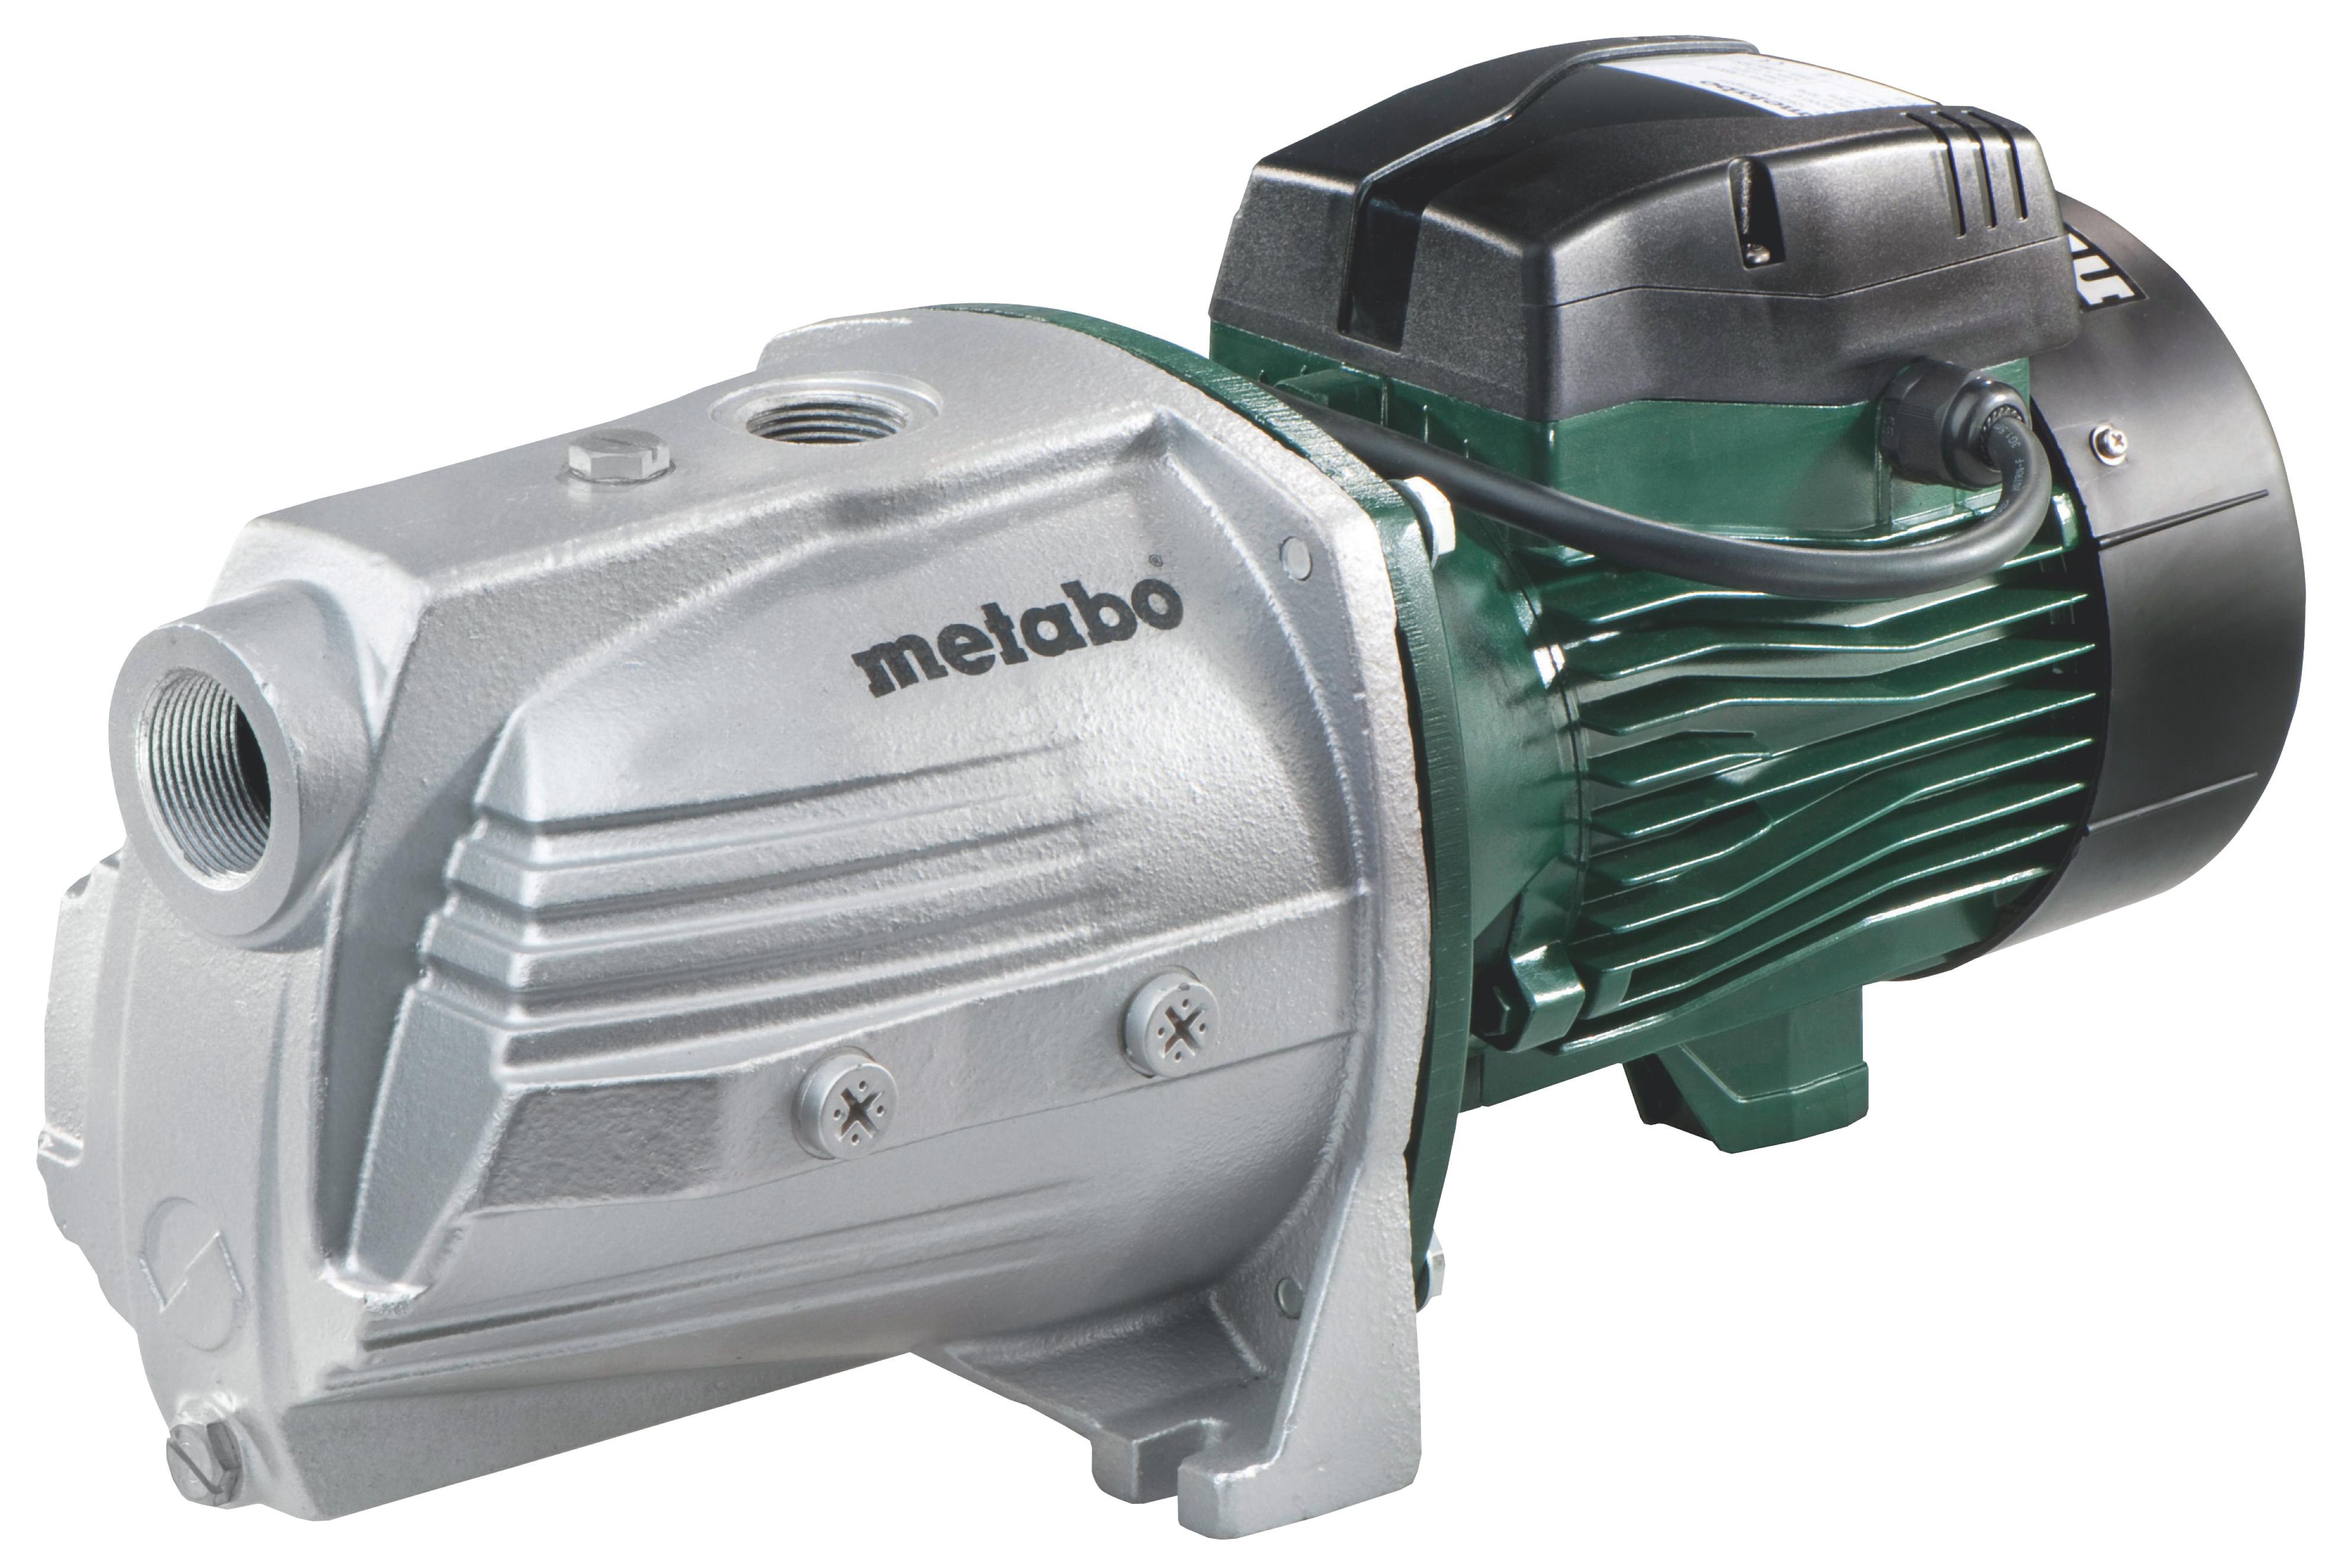 Поверхностный насос Metabo P 9000 G  поверхностный насос metabo p 2000 g